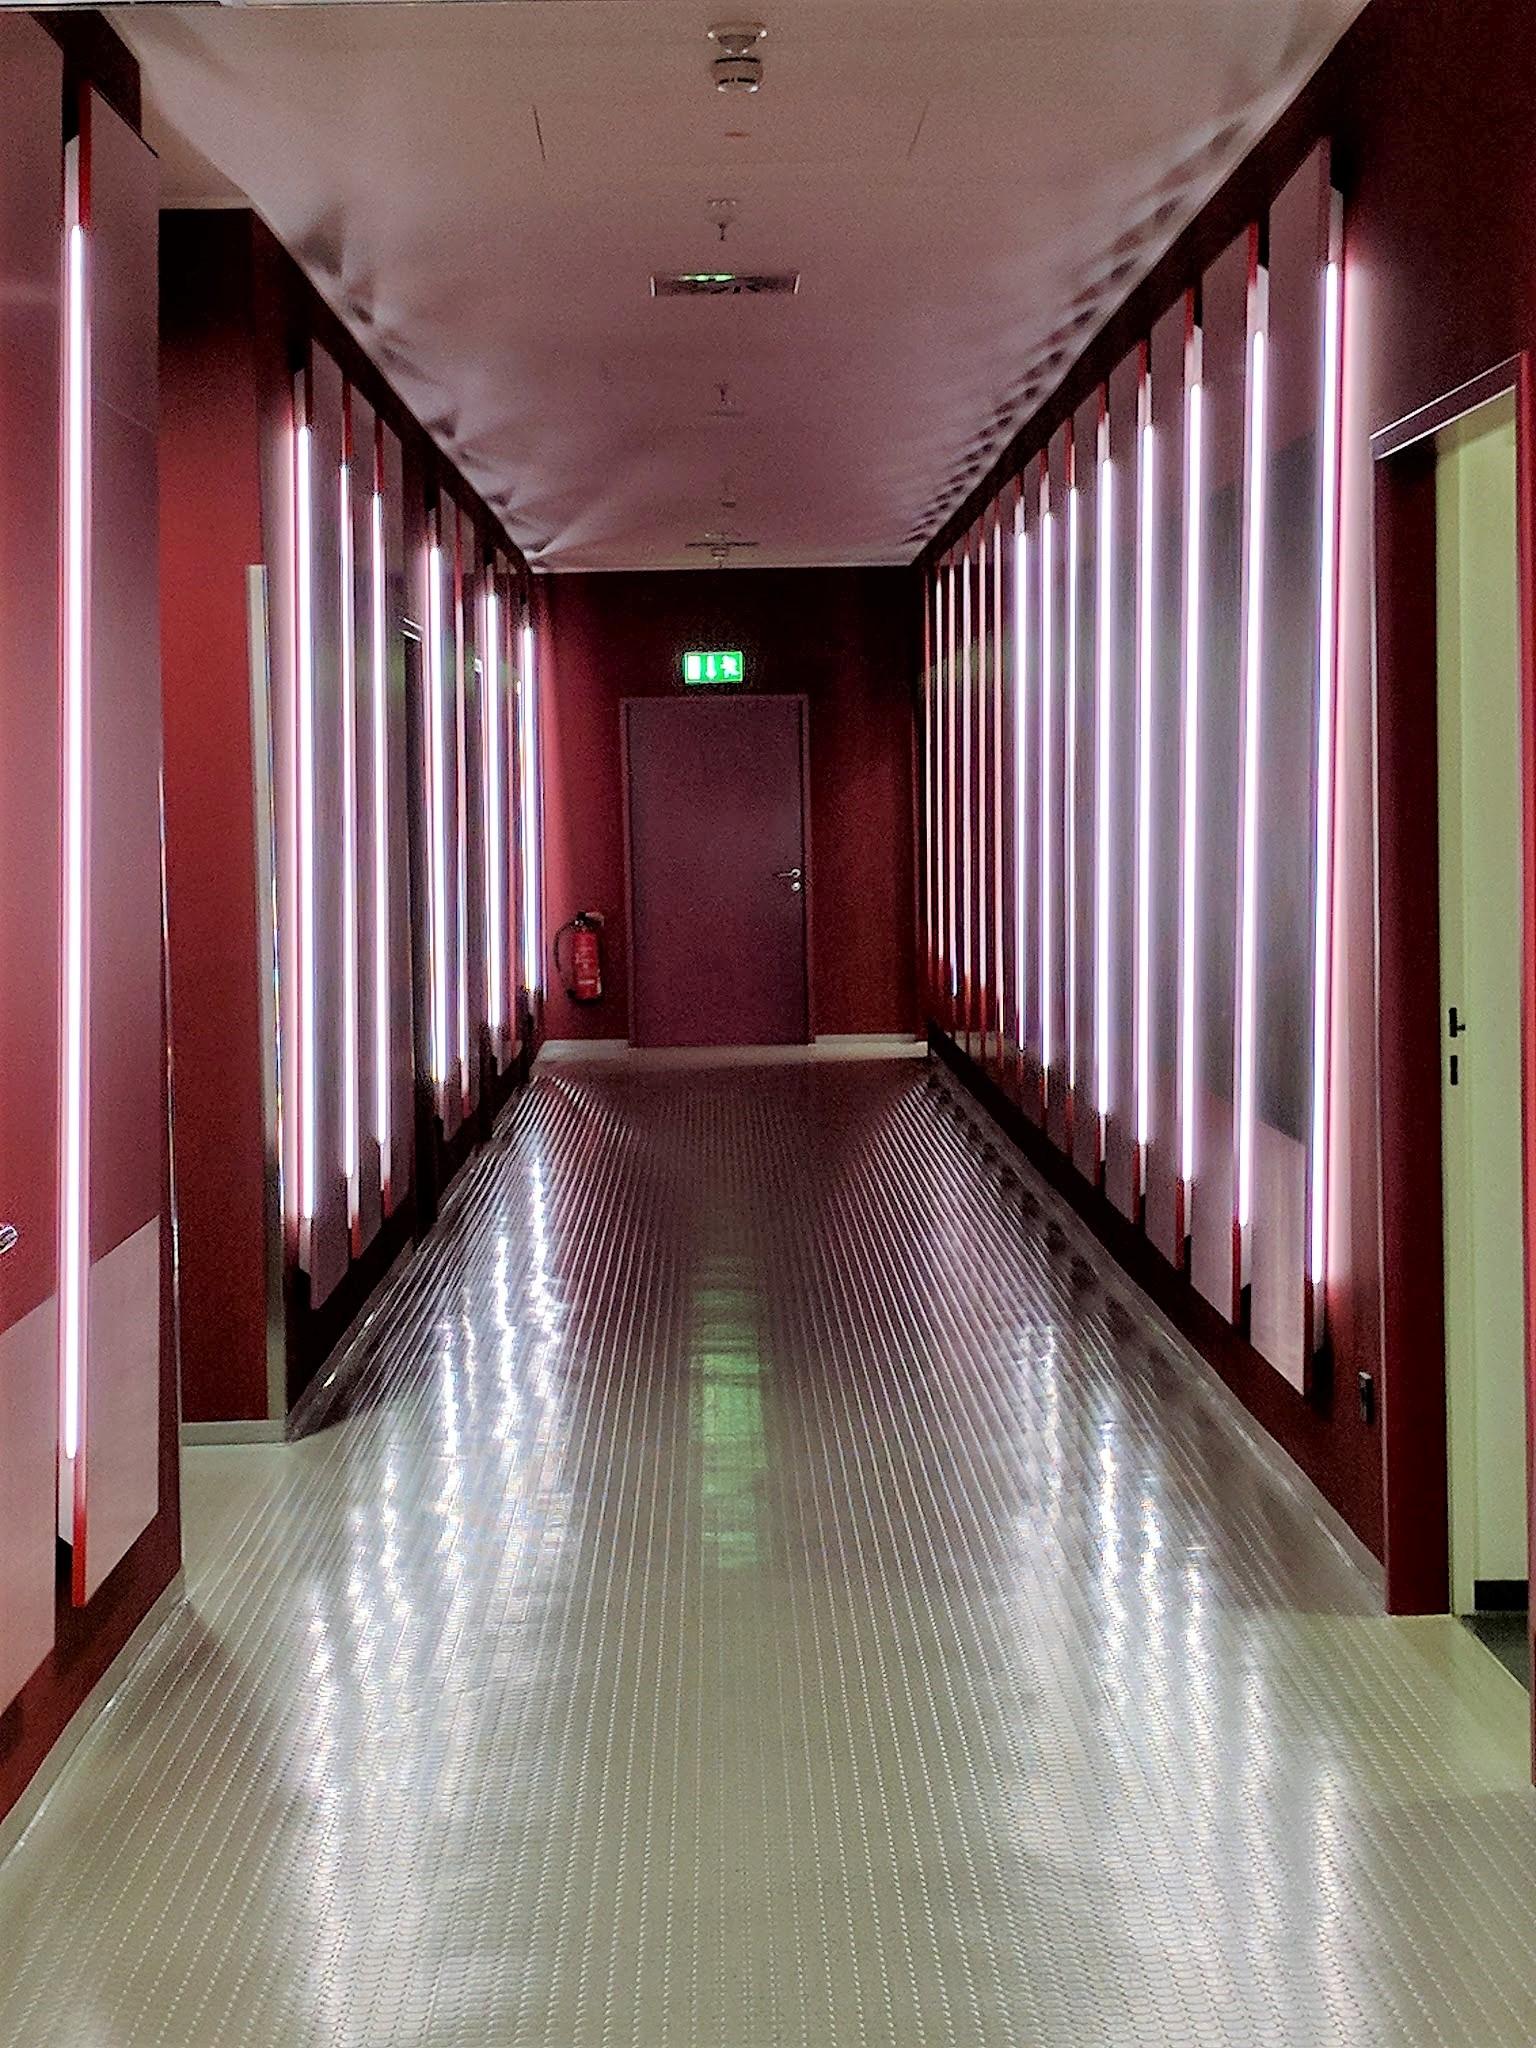 Bayern Munich Hallway